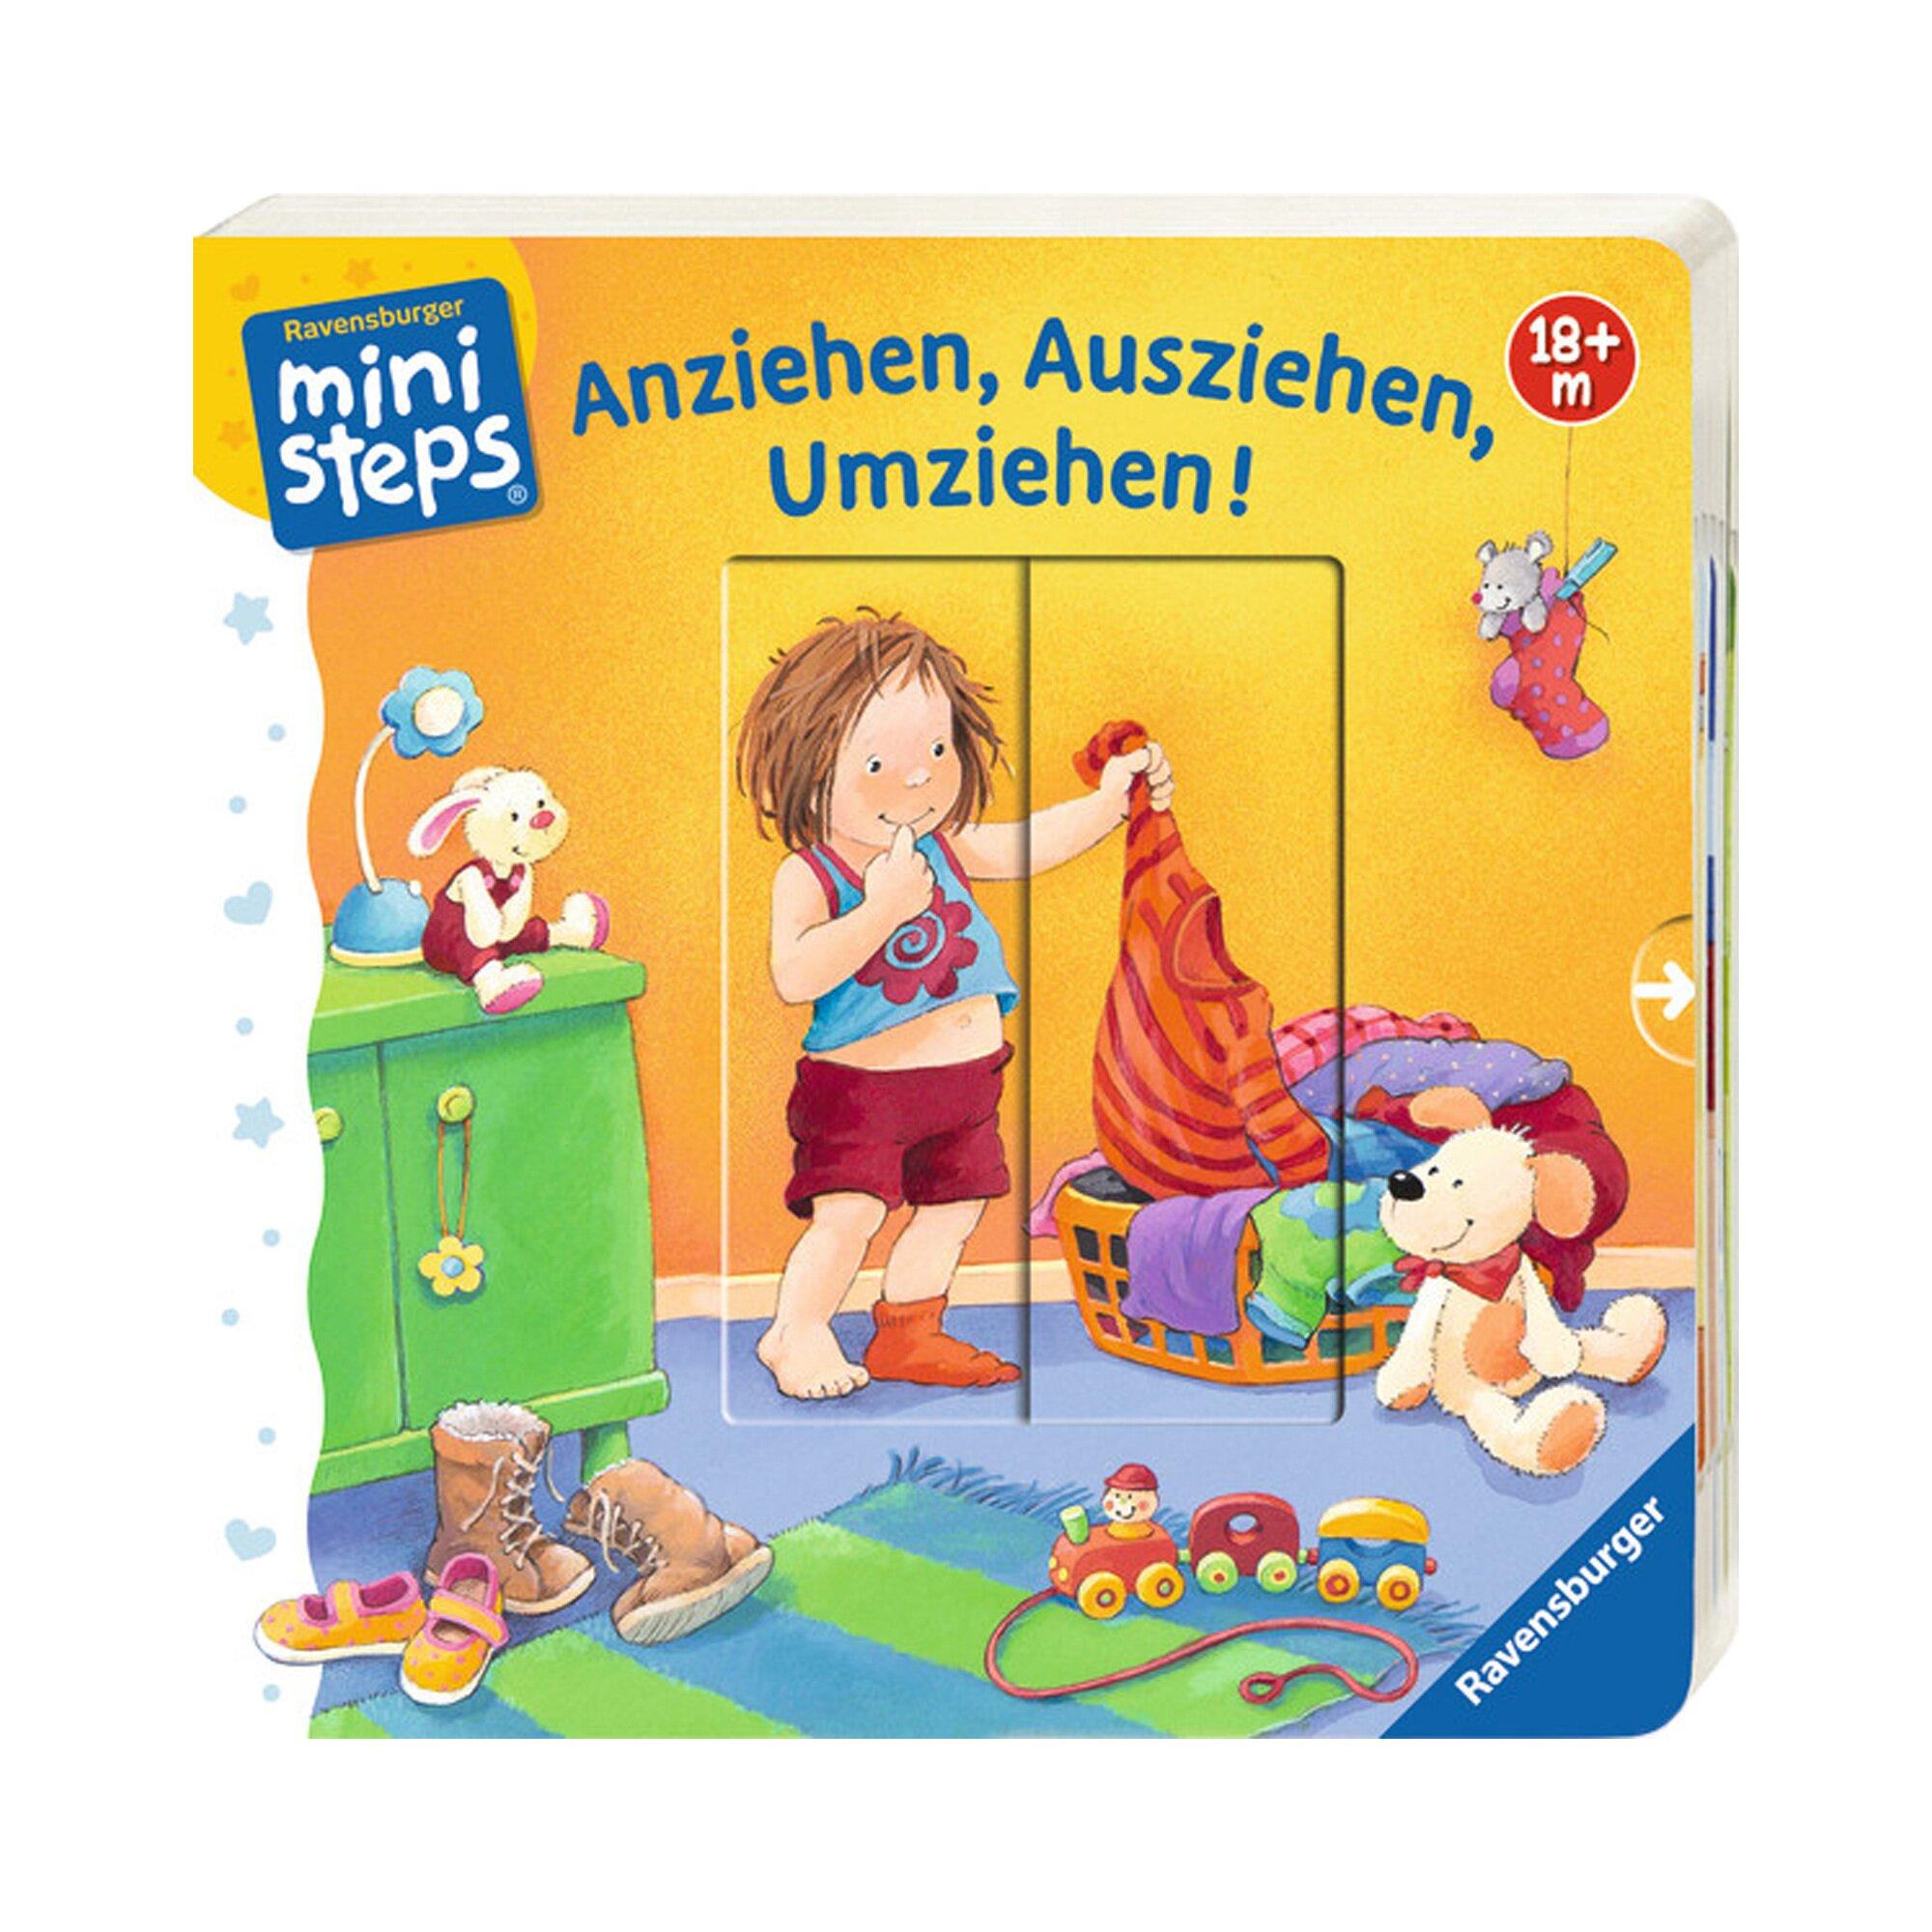 Ministeps Pappbilderbuch Anziehen, Ausziehen, Umziehen!